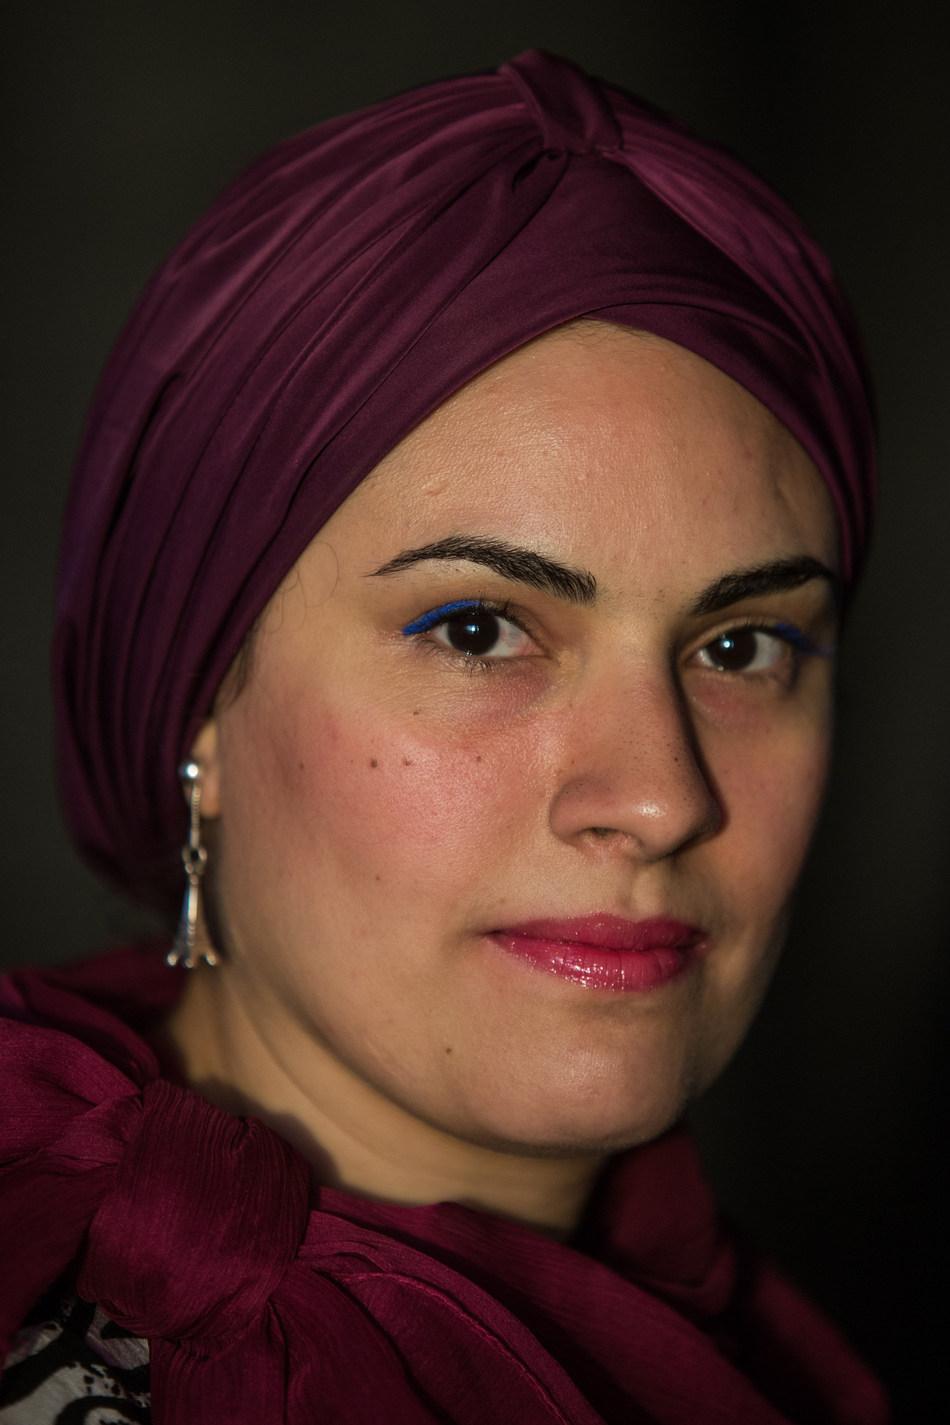 Eman Helal, lauréat de la bourse Portenier, 2016 (Groupe CNW/Forum des journalistes canadiens sur la violence et le traumatisme)